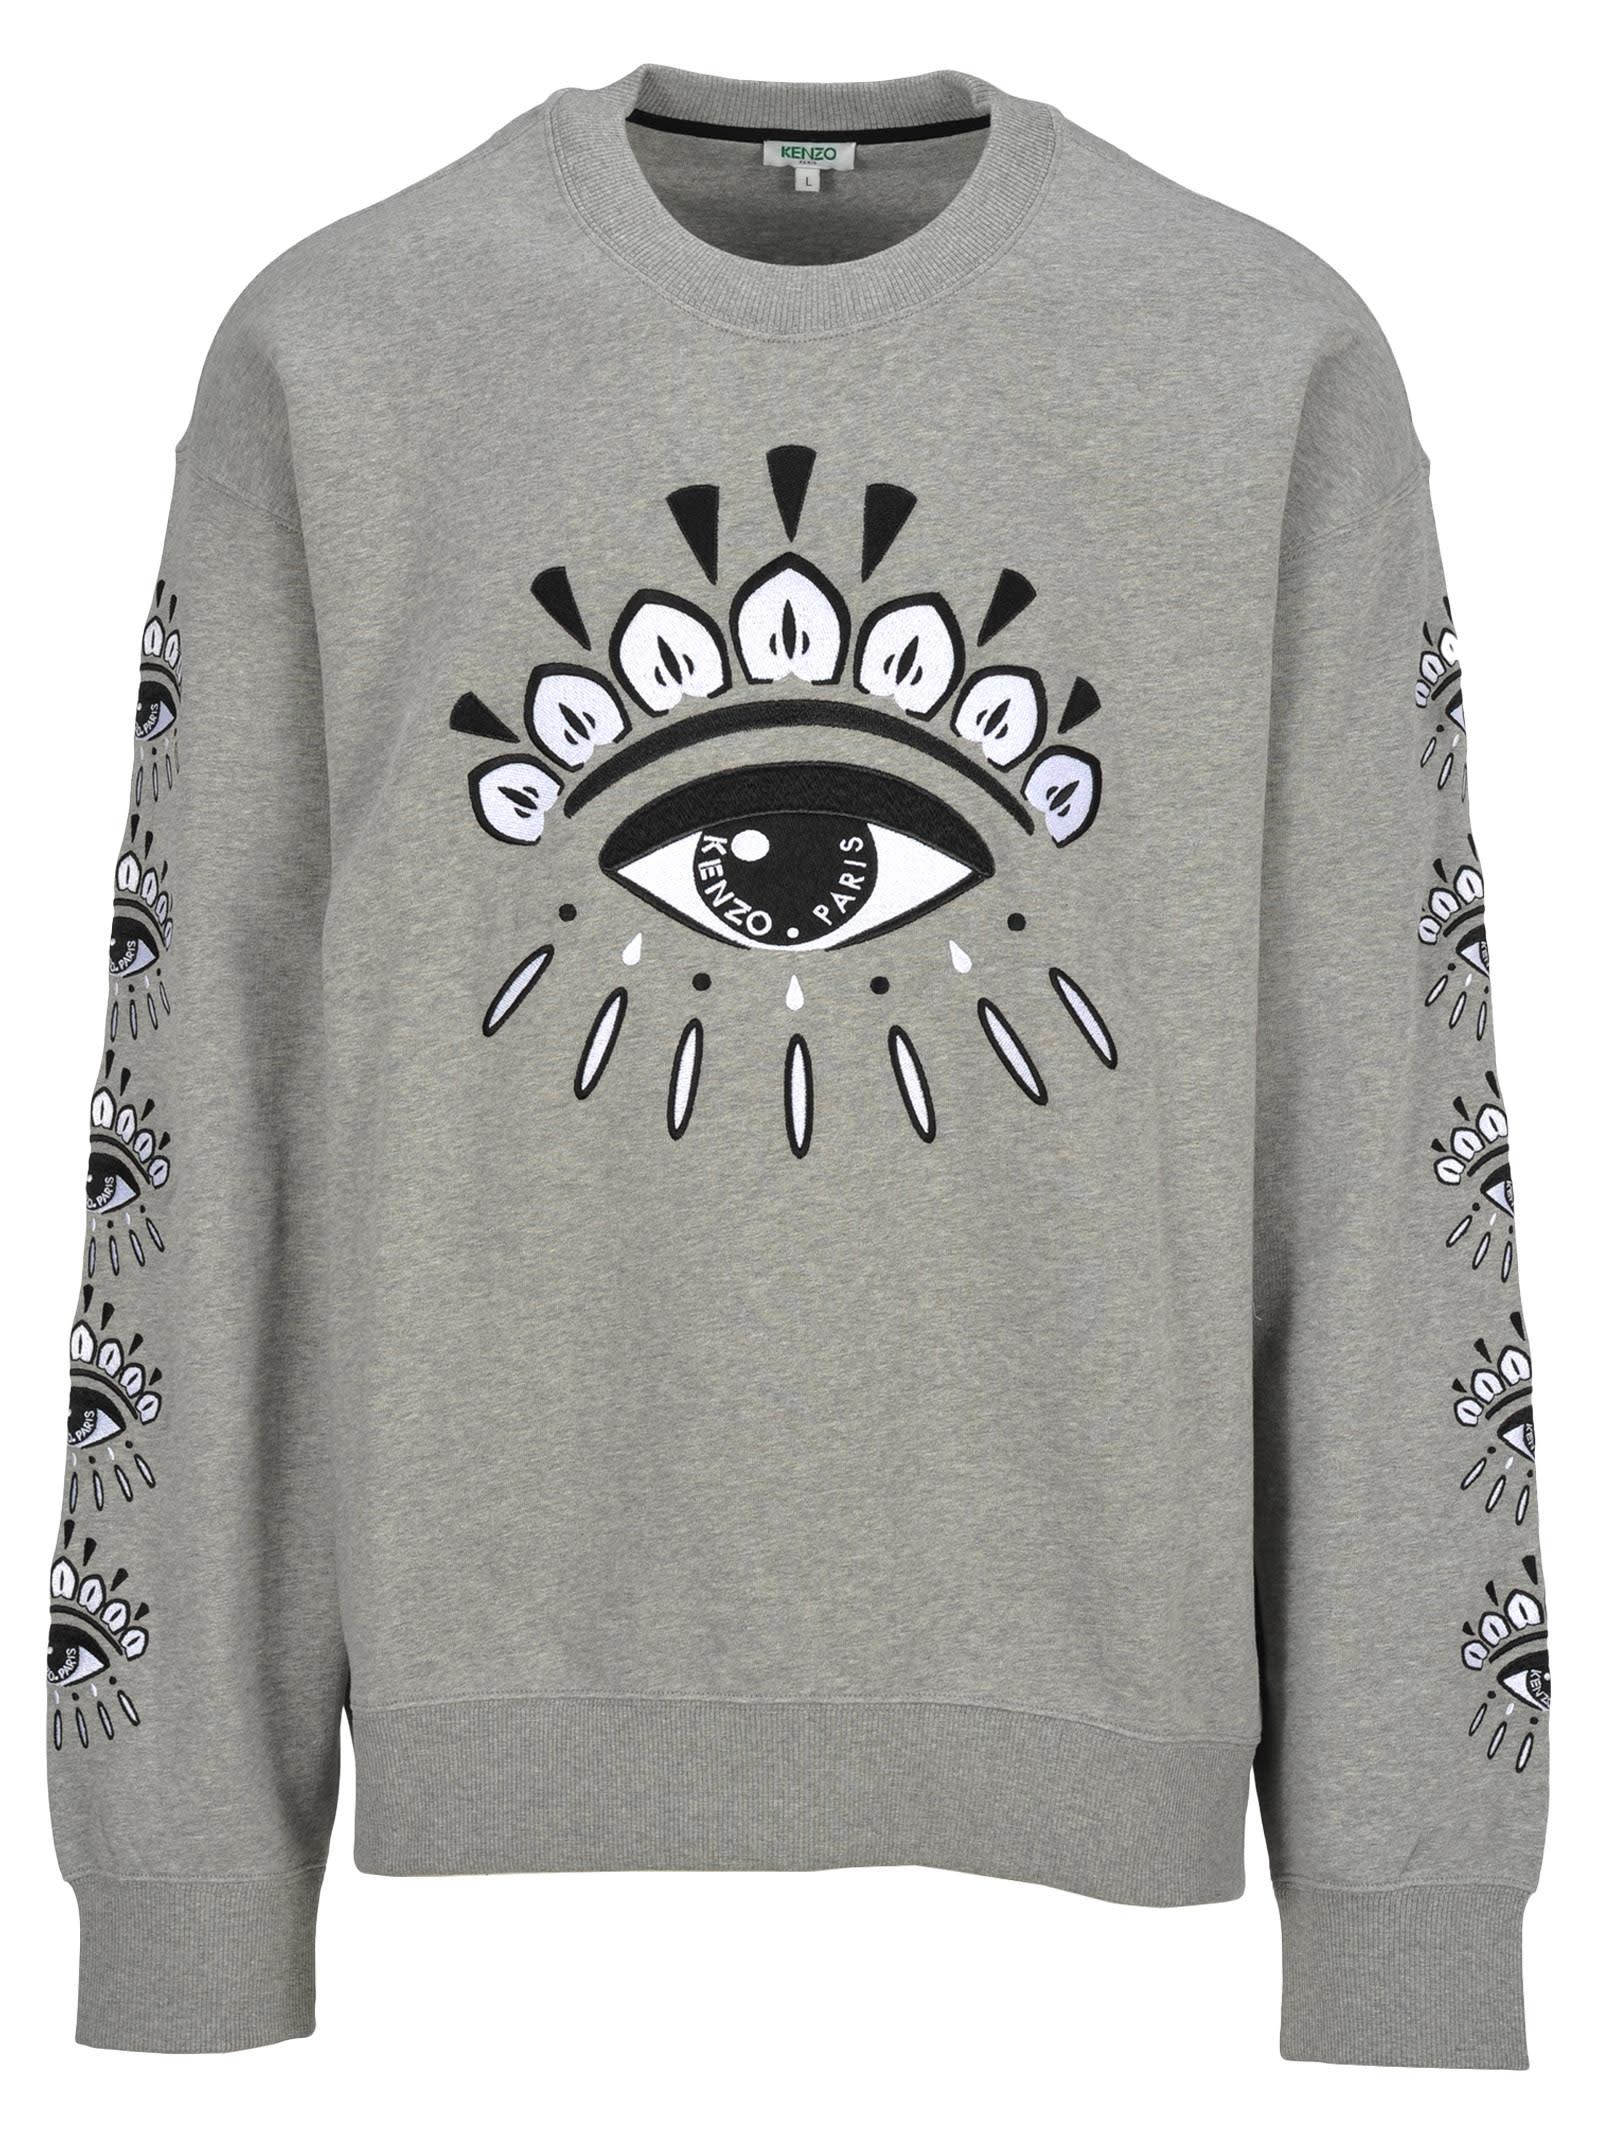 936e015fe8 Kenzo Kenzo Embroidered Eye Sweatshirt